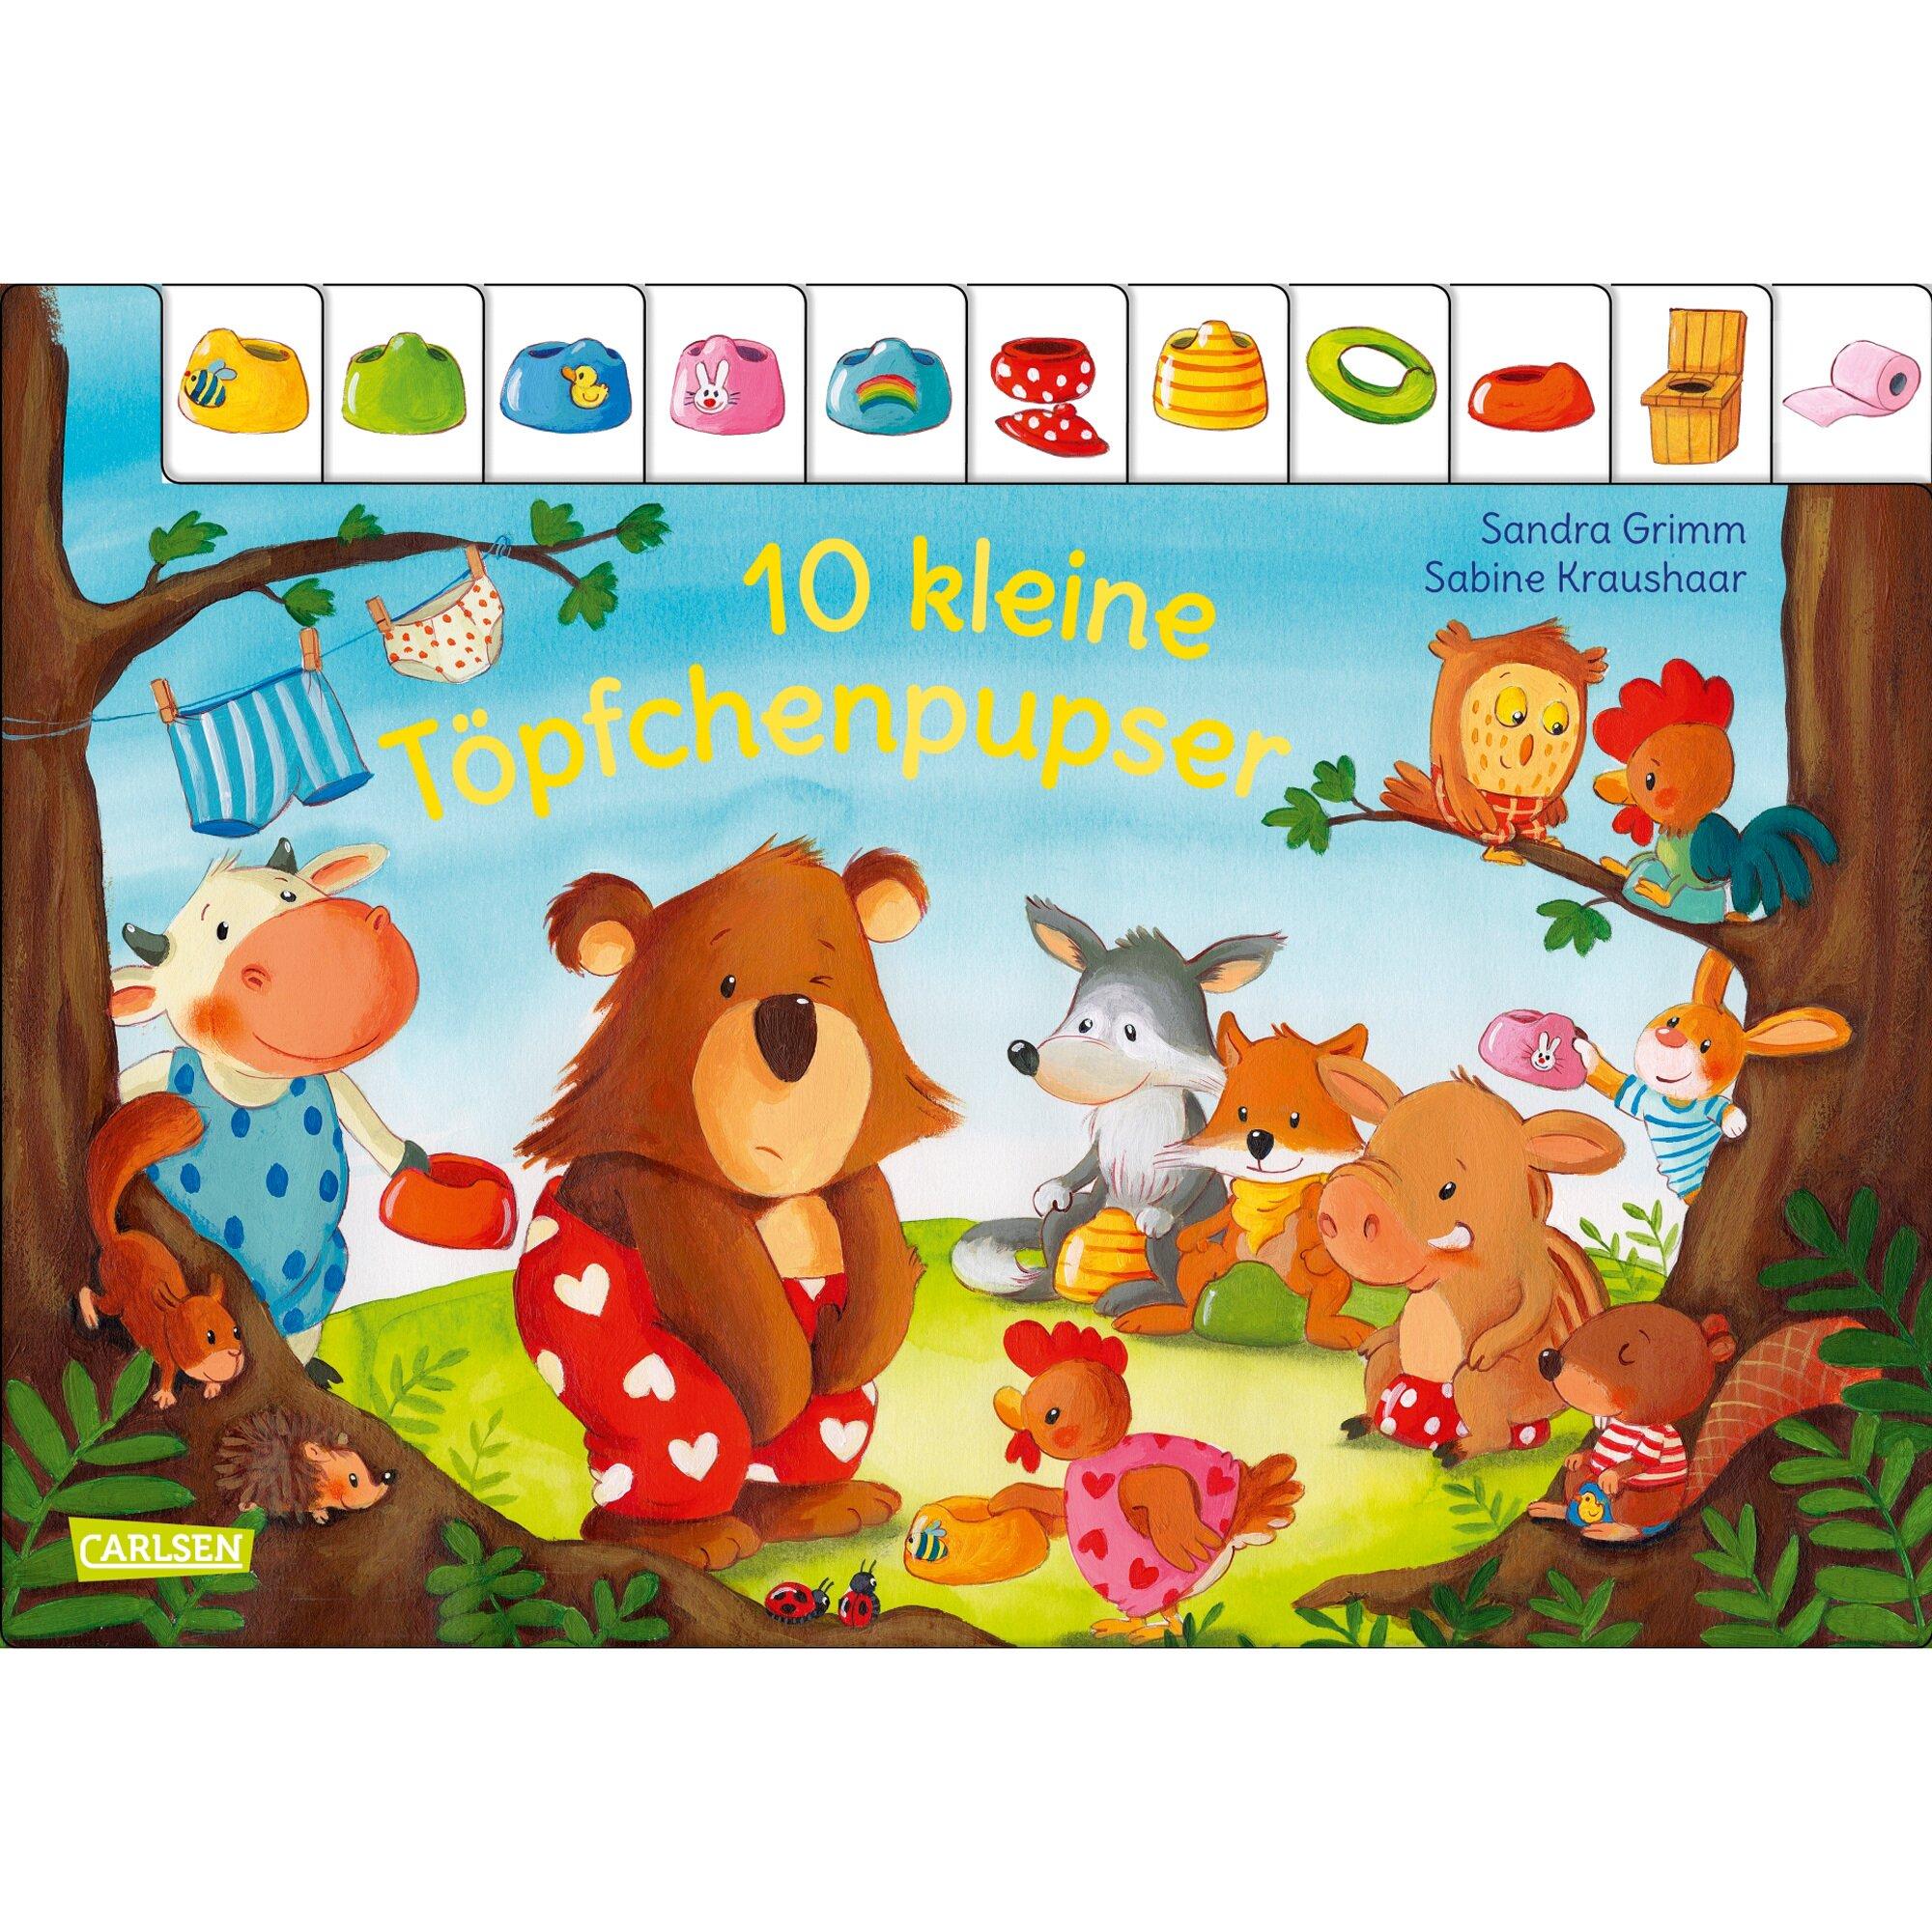 Carlsen Verlag Pappbilderbuch 10 kleine Töpfchenpupser